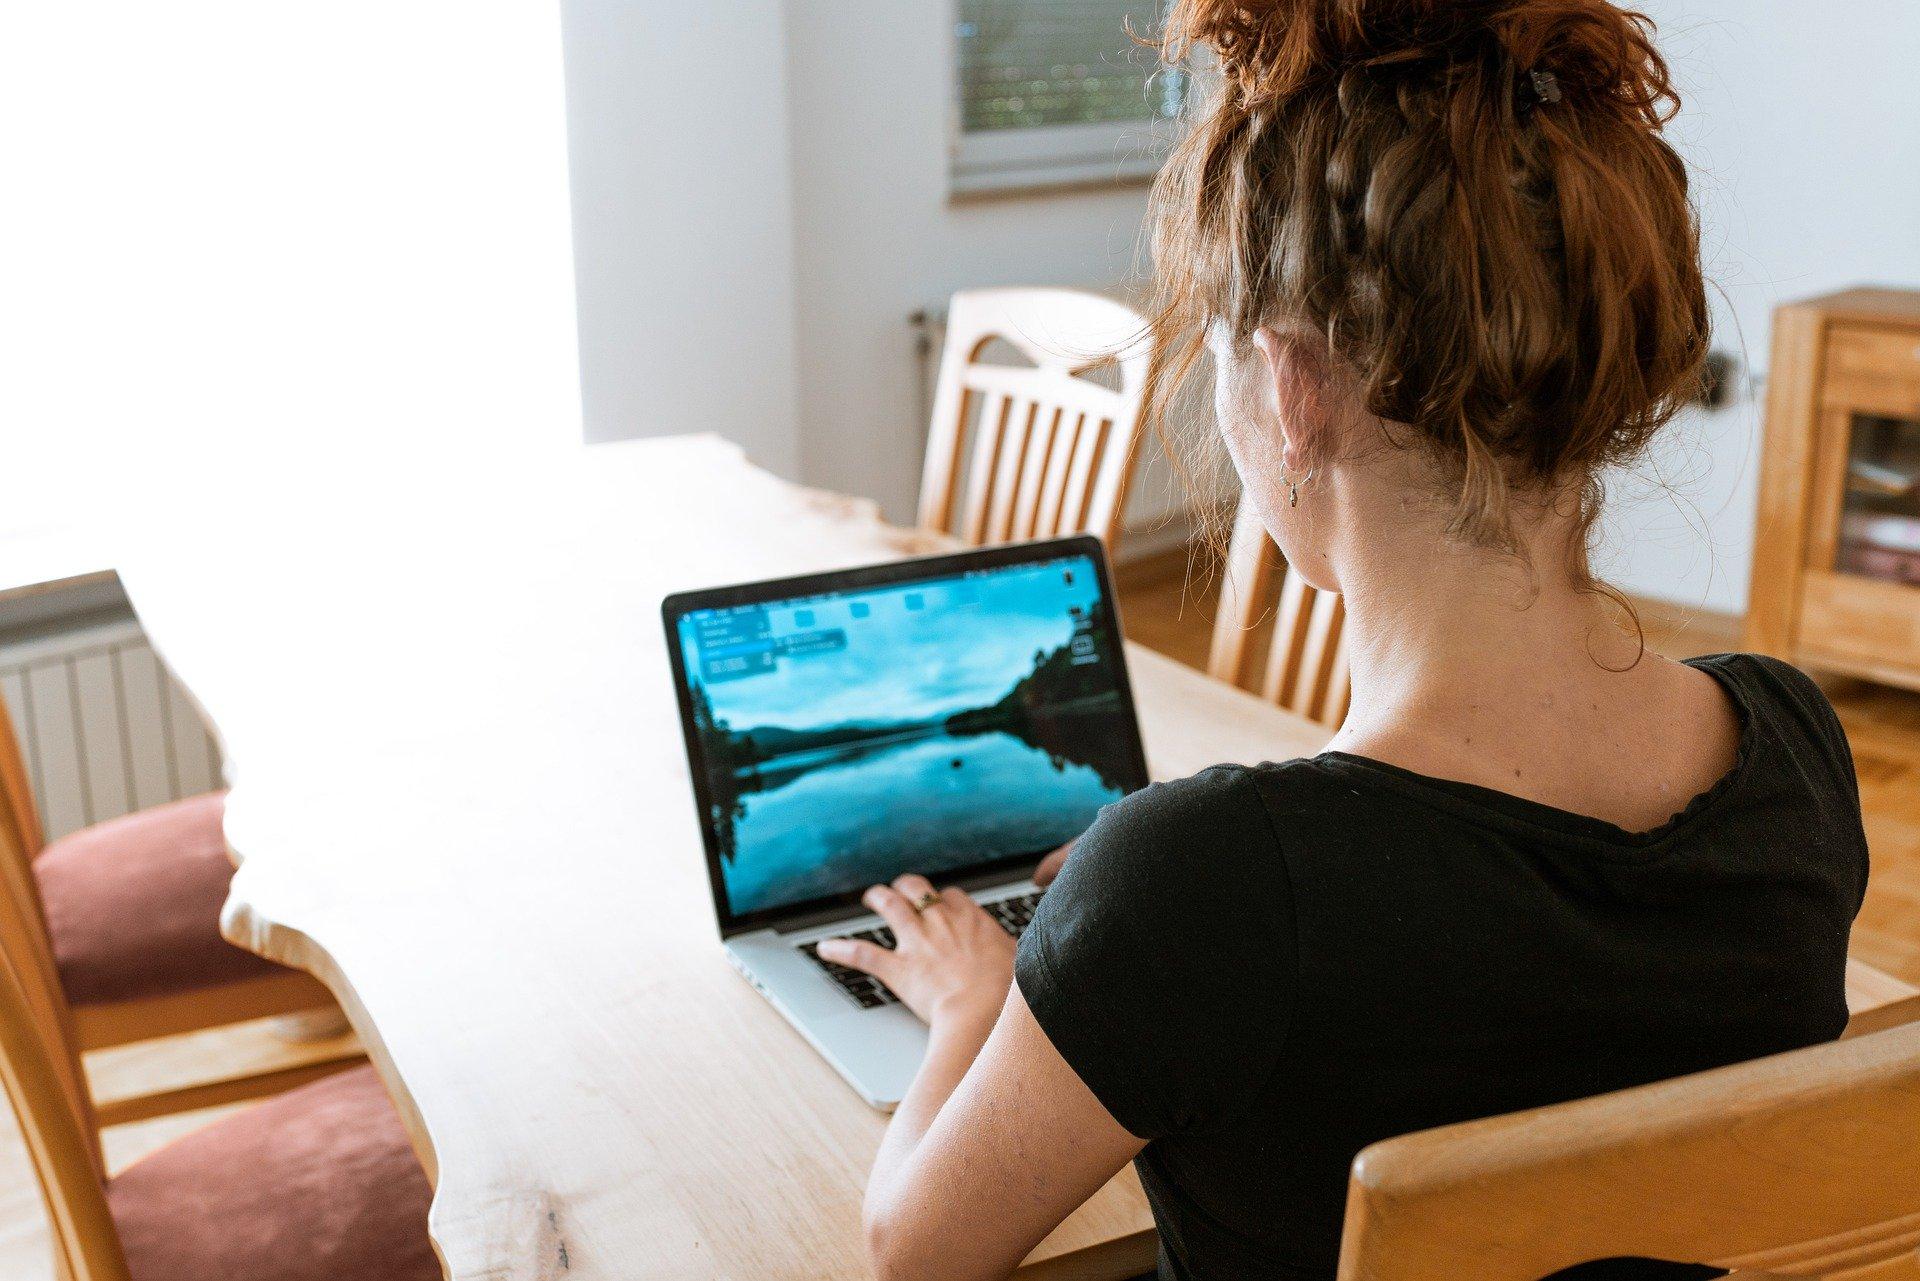 Bild von Person in einem offensichtlichen Esszimmer bei der Remote-Arbeit am Esstisch